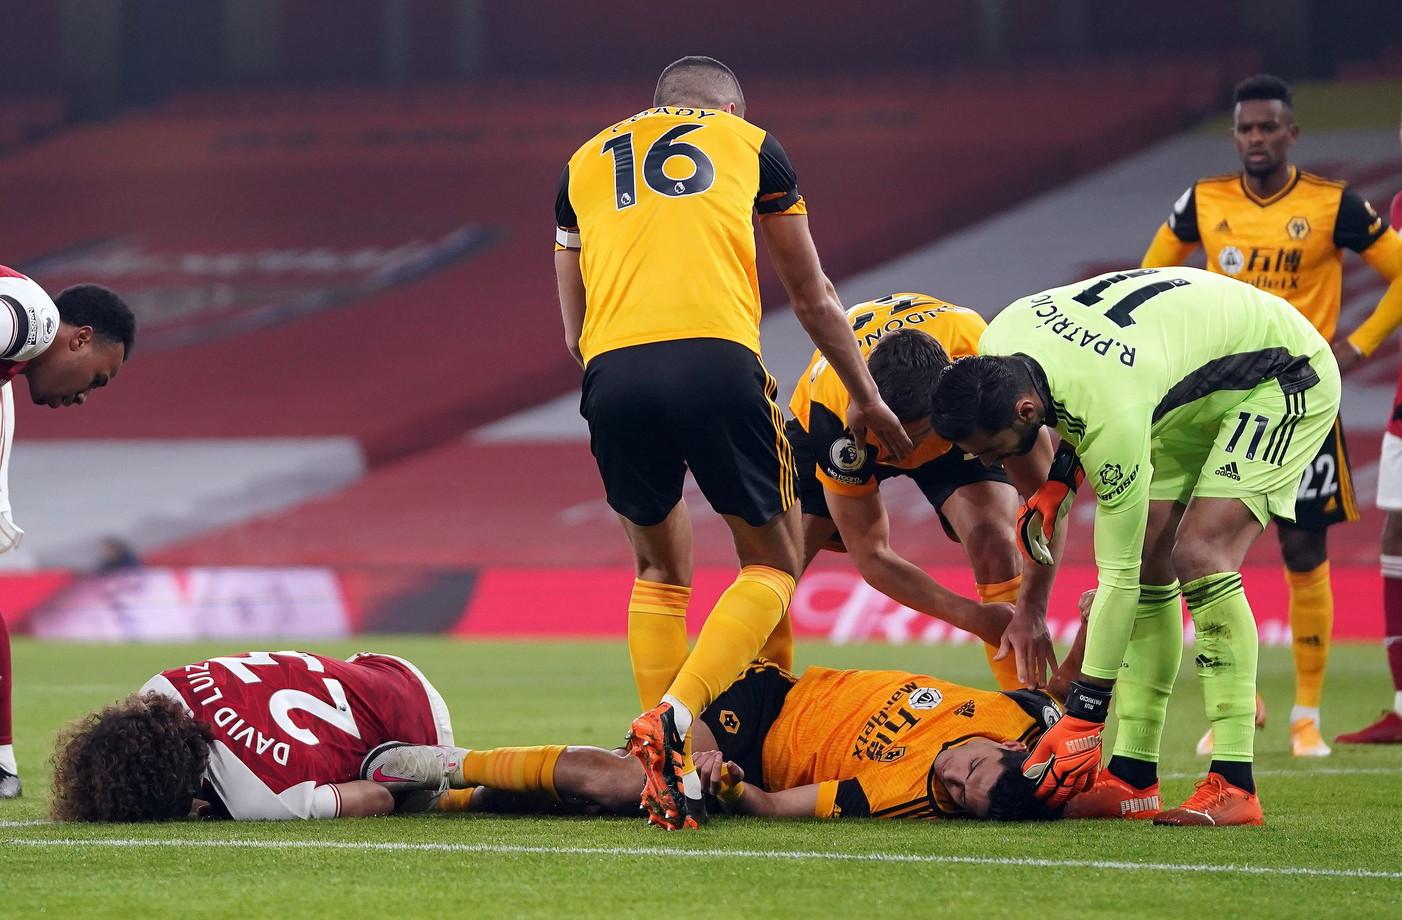 Paura ed ansia durante Arsenal-Wolverhampton, match di Premier League: Raul Jimenez &egrave; caduto a terra privo di sensi dopo uno scontro aereo con David Luiz sugli sviluppi di un calcio d&#39;angolo. Mentre il difensore brasiliano si &egrave; rialzato quasi subito (con un evidente ematoma in testa), l&#39;attaccante messicano &egrave; rimasto a terra dieci&nbsp;minuti prima di essere trasportato fuori dal campo in barella ed essere&nbsp;trasferito in ospedale&nbsp;per esami alla testa. &quot;Sta meglio, &egrave; cosciente e risponde alle cure&quot; fa sapere il club inglese.<br /><br />